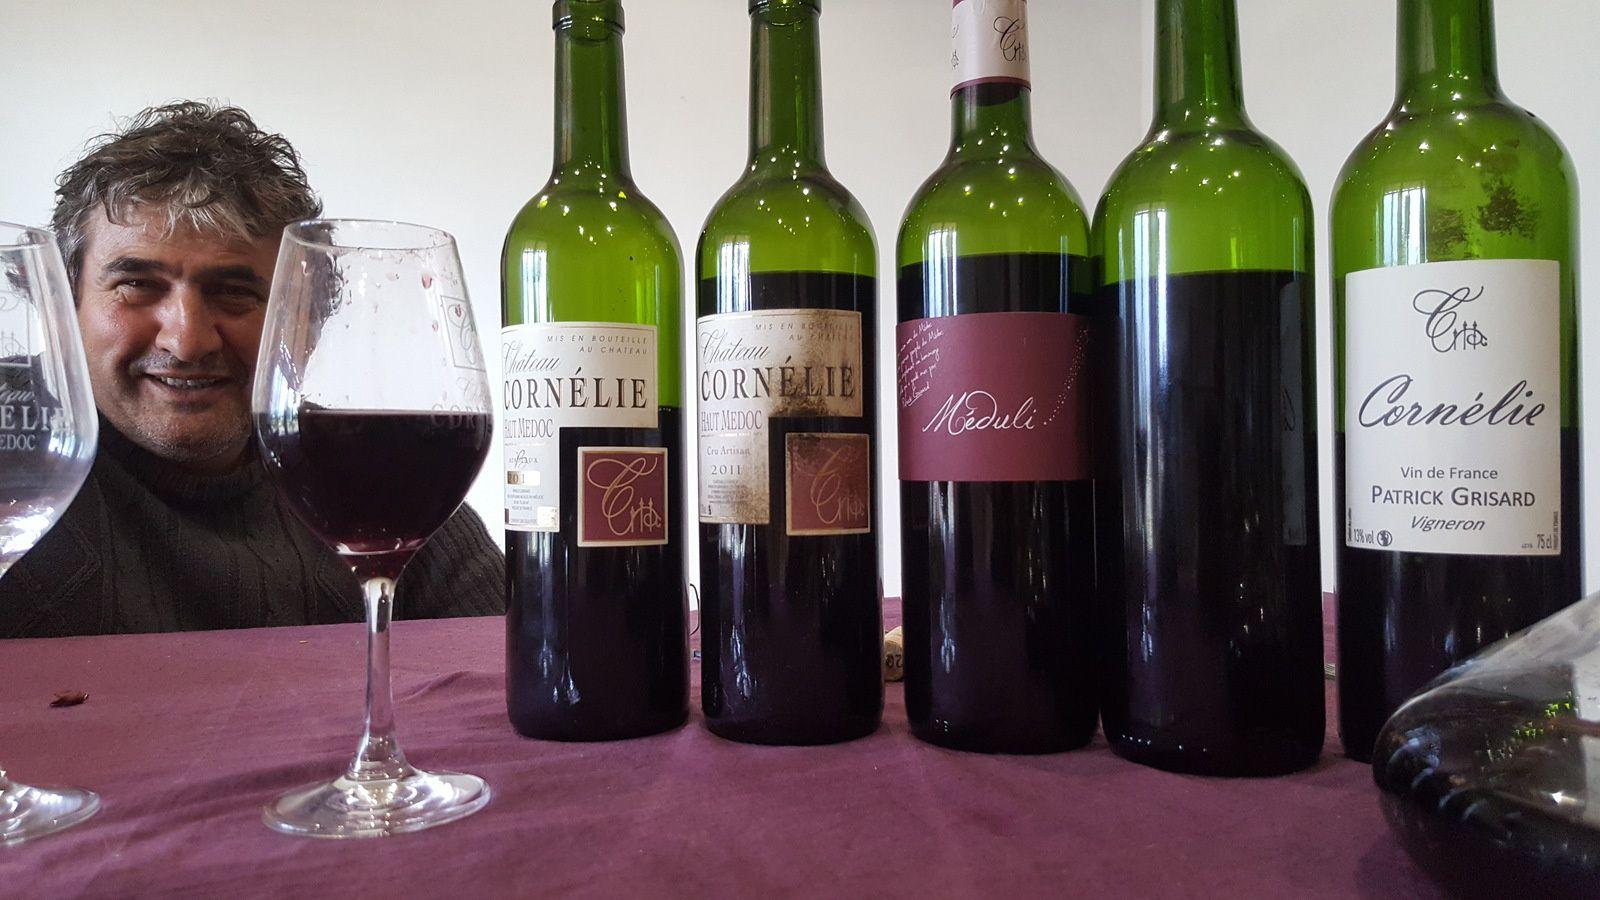 Les vins de Cornélie, de Patrick Grisard...des vins fortement identitaires, juteux, sincères...